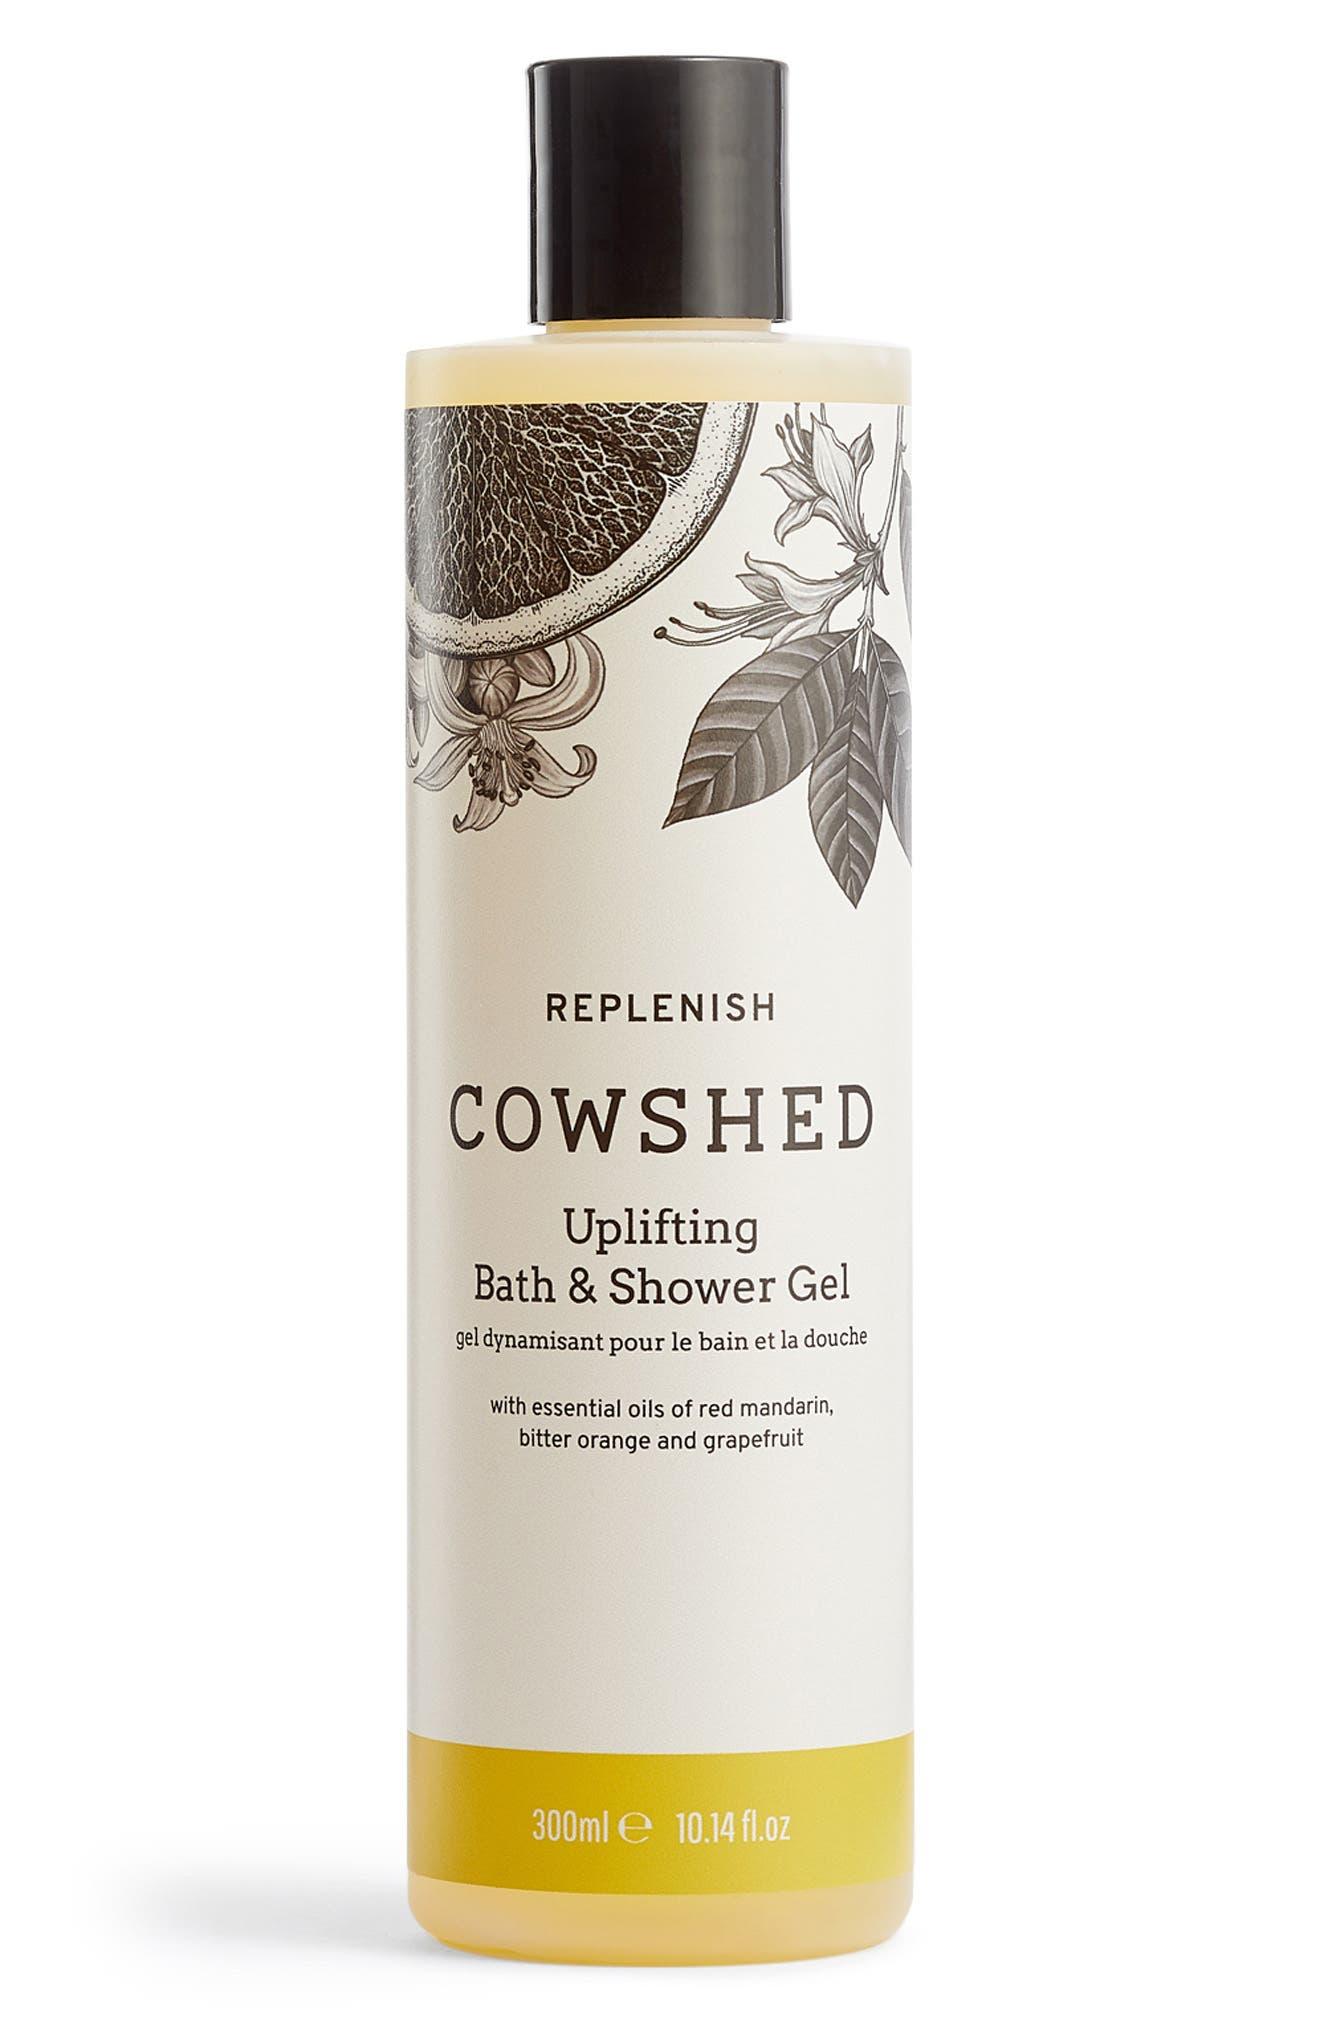 Replenish Uplifting Bath & Shower Gel